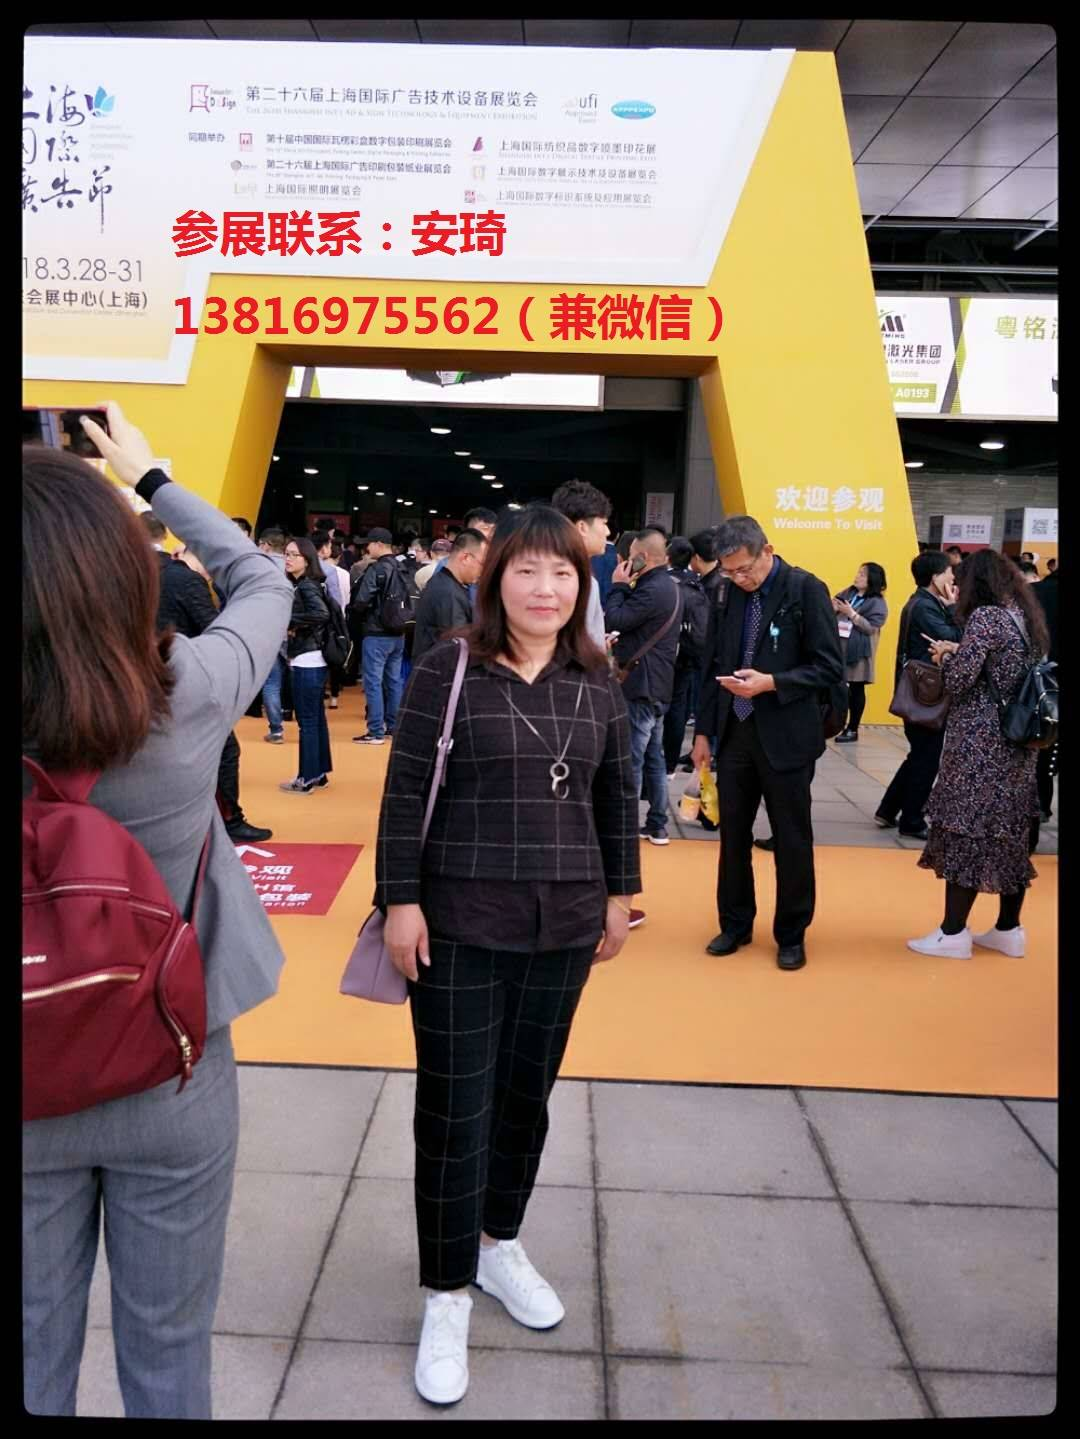 2019年上海广告展暨2019年第27届上海广告技术设备展